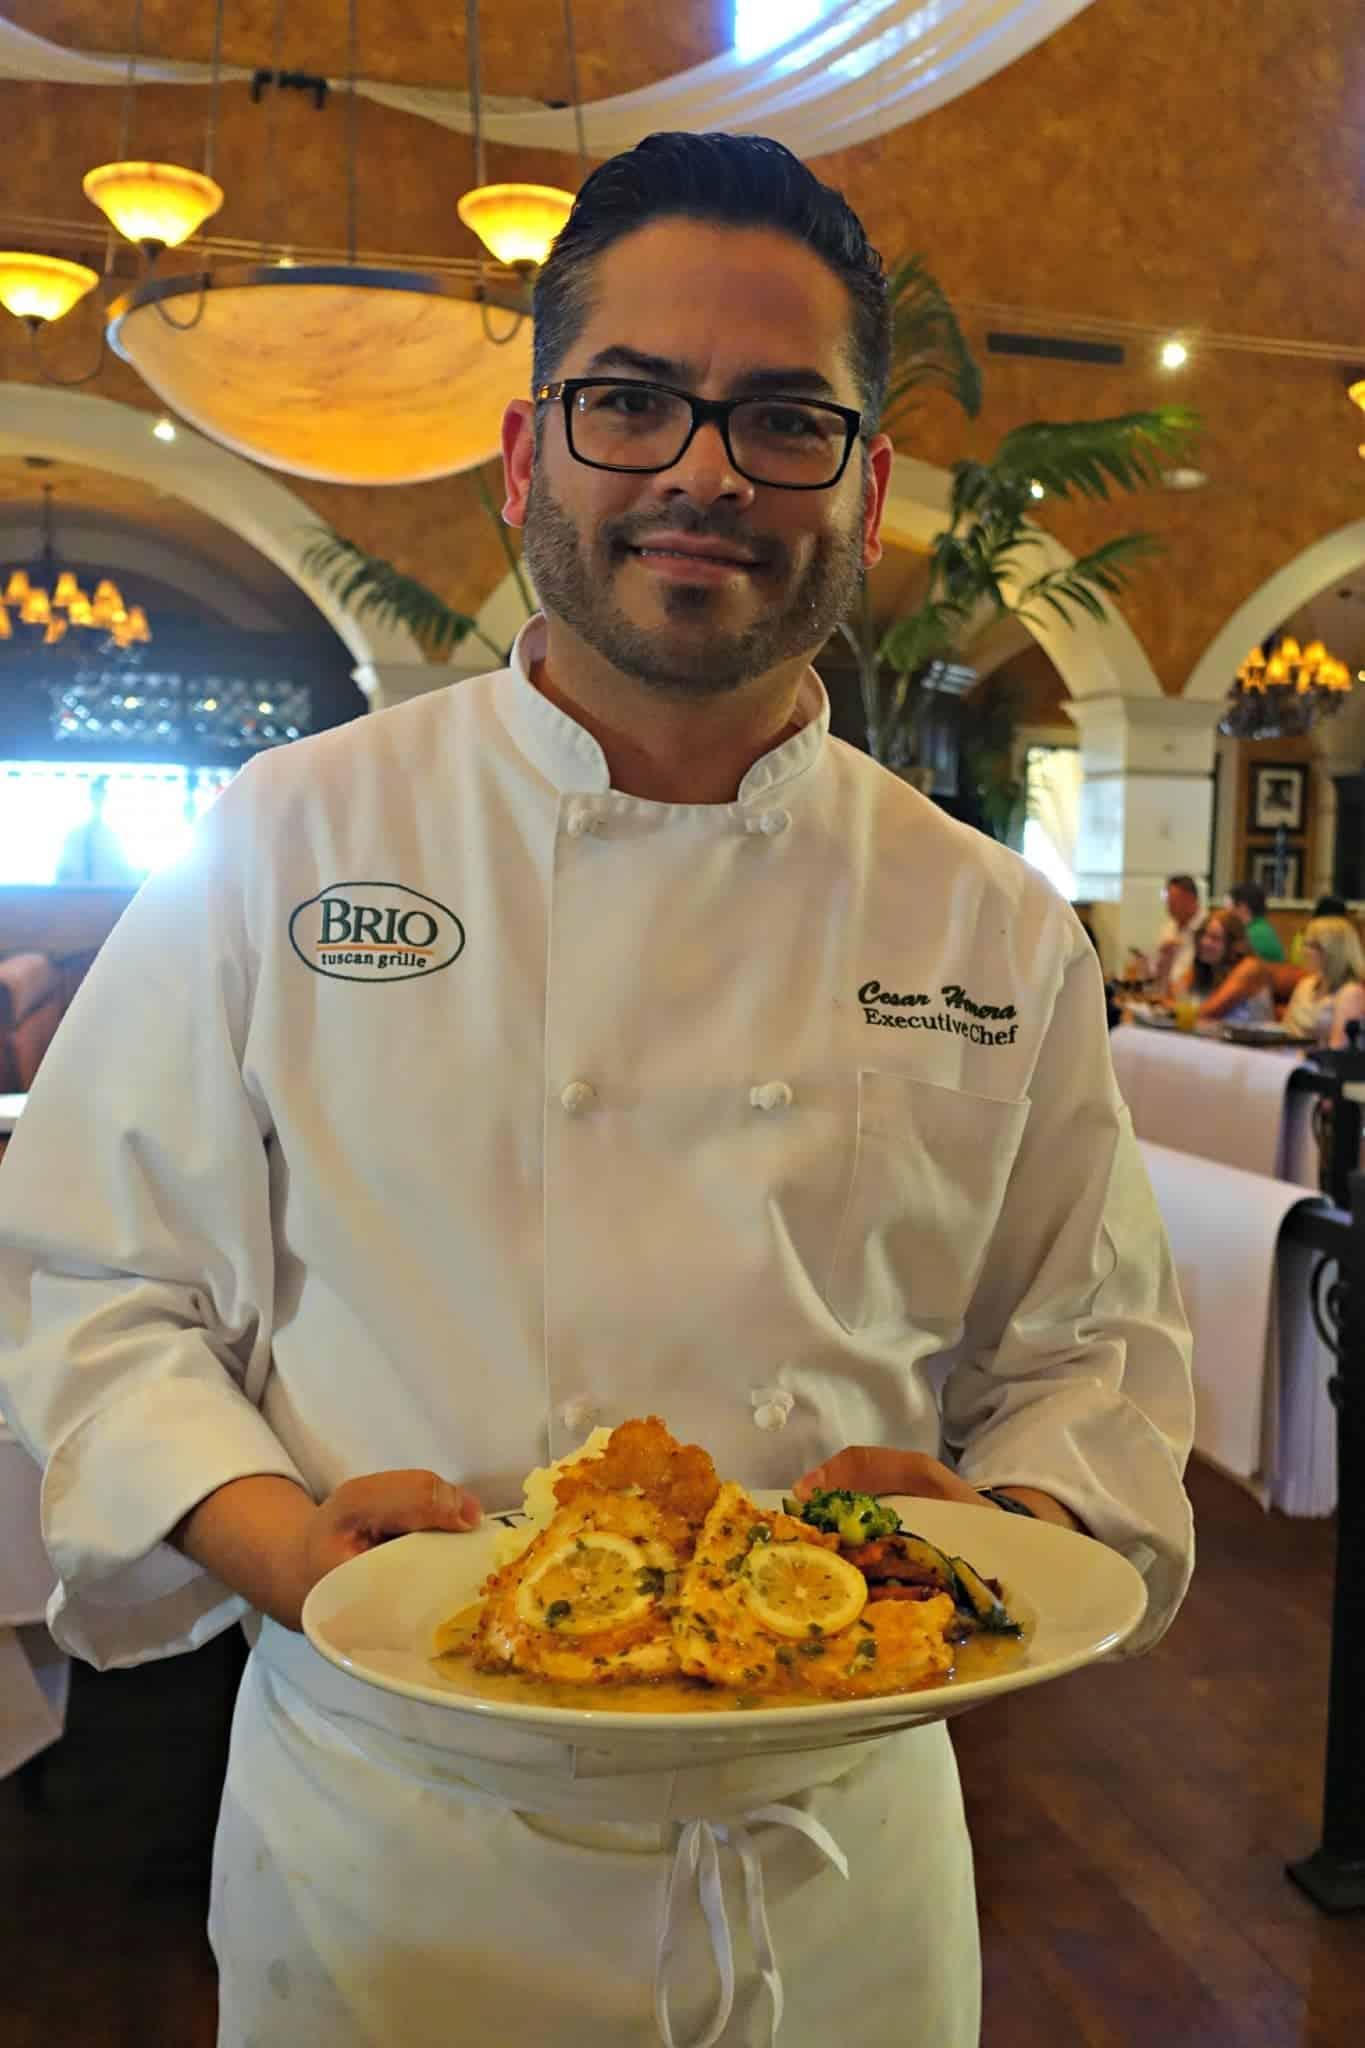 Executive Chef at Brio in Las Vegas